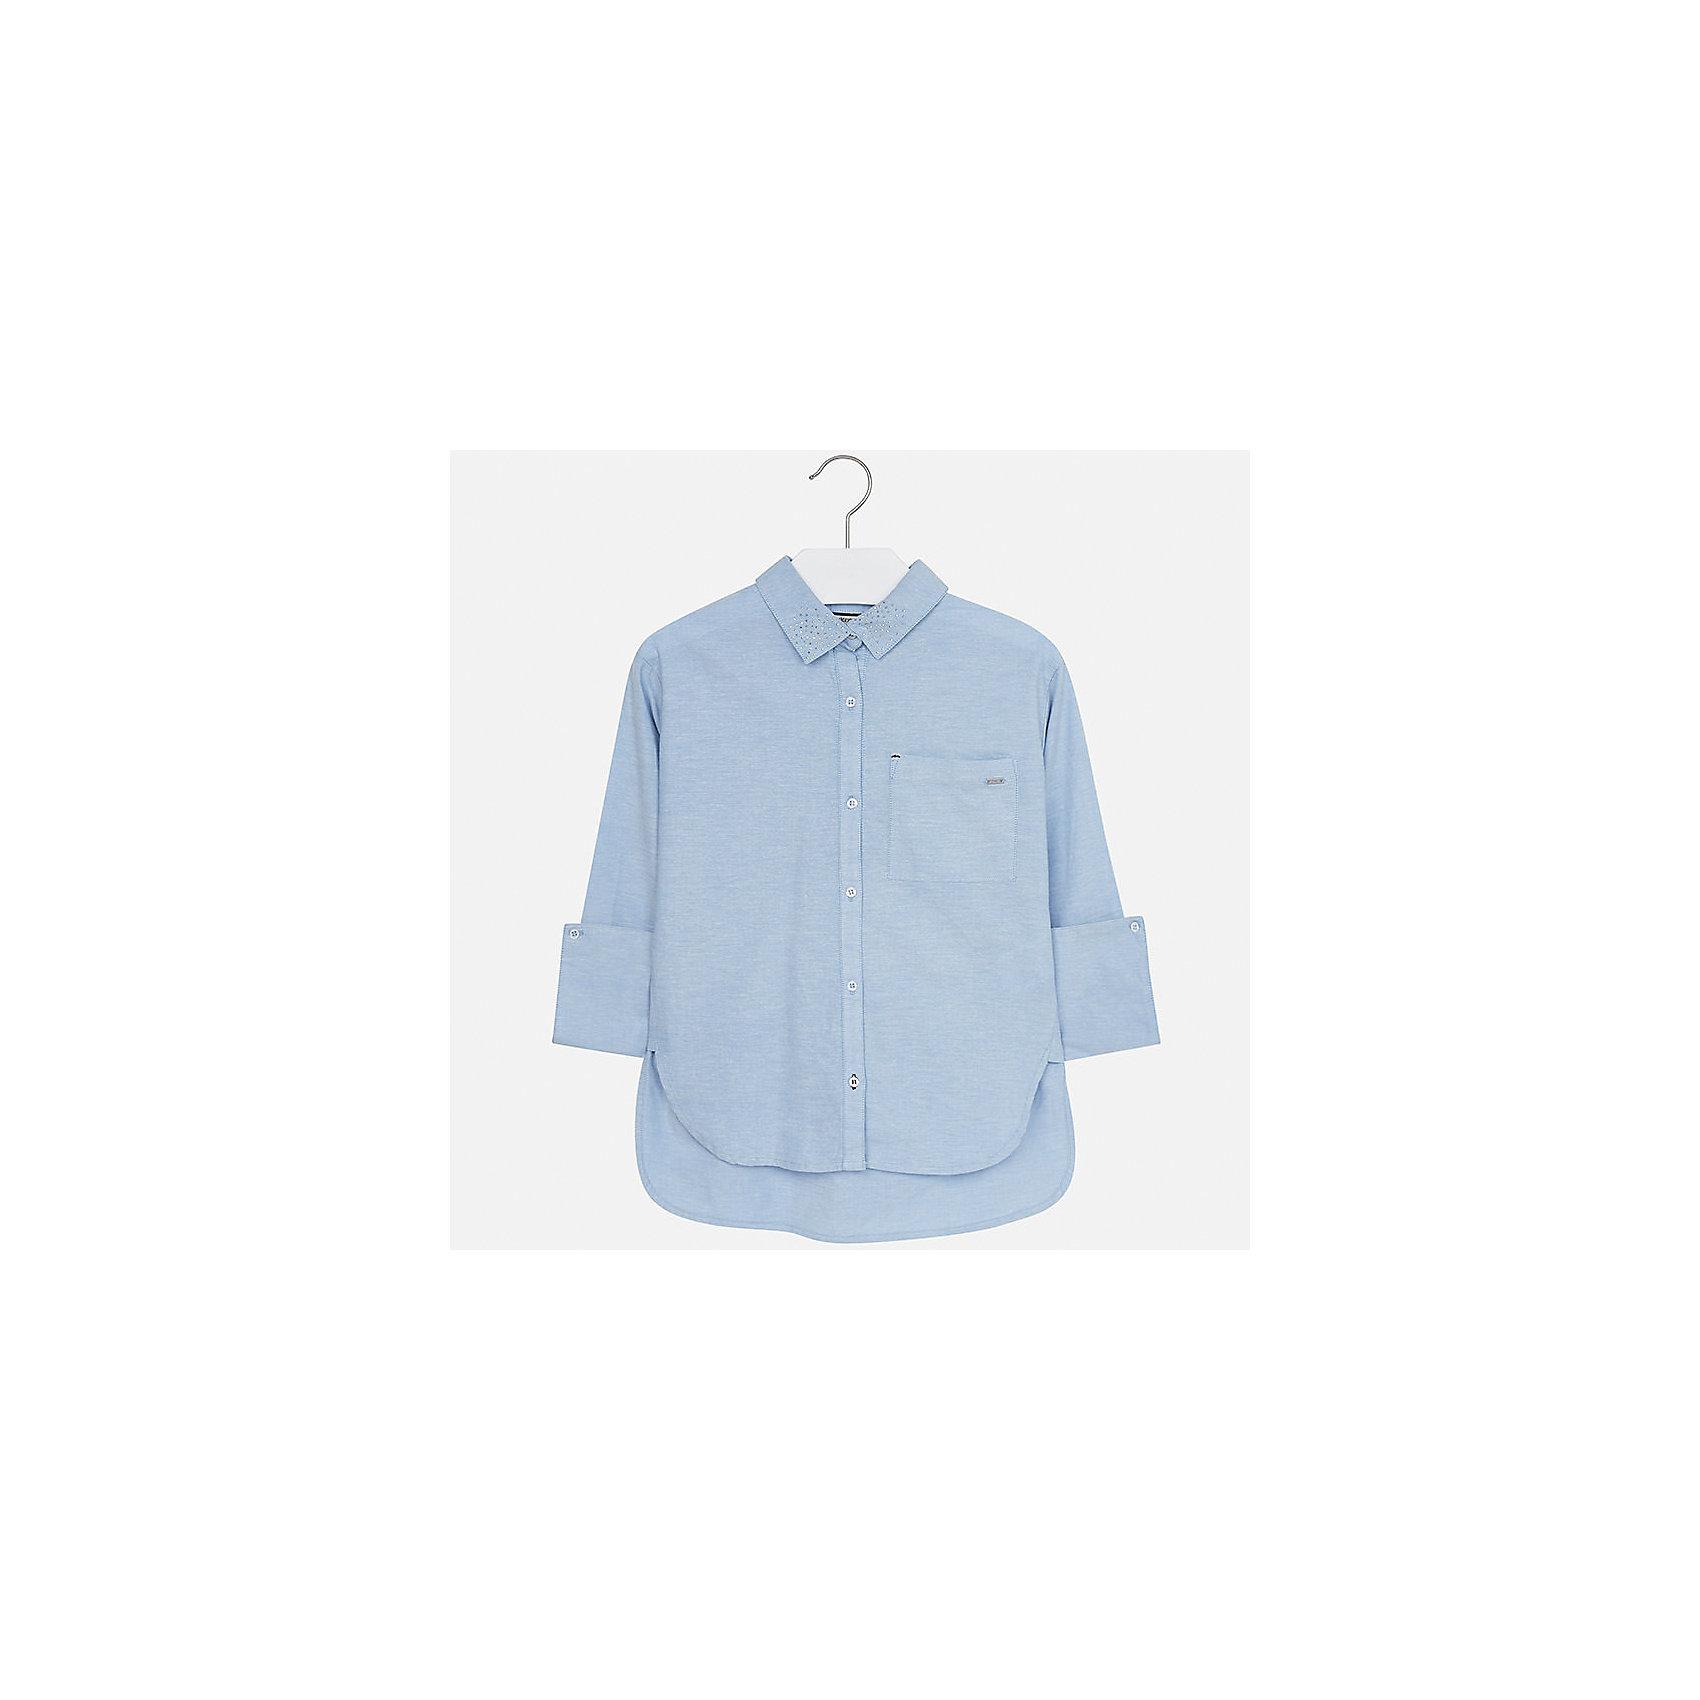 Рубашка Mayoral для девочкиБлузки и рубашки<br>Характеристики товара:<br><br>• цвет: голубой<br>• состав ткани: 100% хлопок<br>• длинные рукава<br>• сезон: круглый год<br>• застежка: пуговицы<br>• страна бренда: Испания<br>• страна изготовитель: Индия<br><br>Легкая блузка для девочки от известного испанского бренда Mayoral декорирована интересным отложным воротником. Детская блузка сшита из качественной ткани с наличием натурального хлопка в составе. <br><br>Для производства детской одежды популярный бренд Mayoral используют только качественную фурнитуру и материалы. Оригинальные и модные вещи от Майорал неизменно привлекают внимание и нравятся детям.<br><br>Блузку для девочки Mayoral (Майорал) можно купить в нашем интернет-магазине.<br><br>Ширина мм: 186<br>Глубина мм: 87<br>Высота мм: 198<br>Вес г: 197<br>Цвет: голубой<br>Возраст от месяцев: 168<br>Возраст до месяцев: 180<br>Пол: Женский<br>Возраст: Детский<br>Размер: 170,128/134,140,152,158,164<br>SKU: 6921704